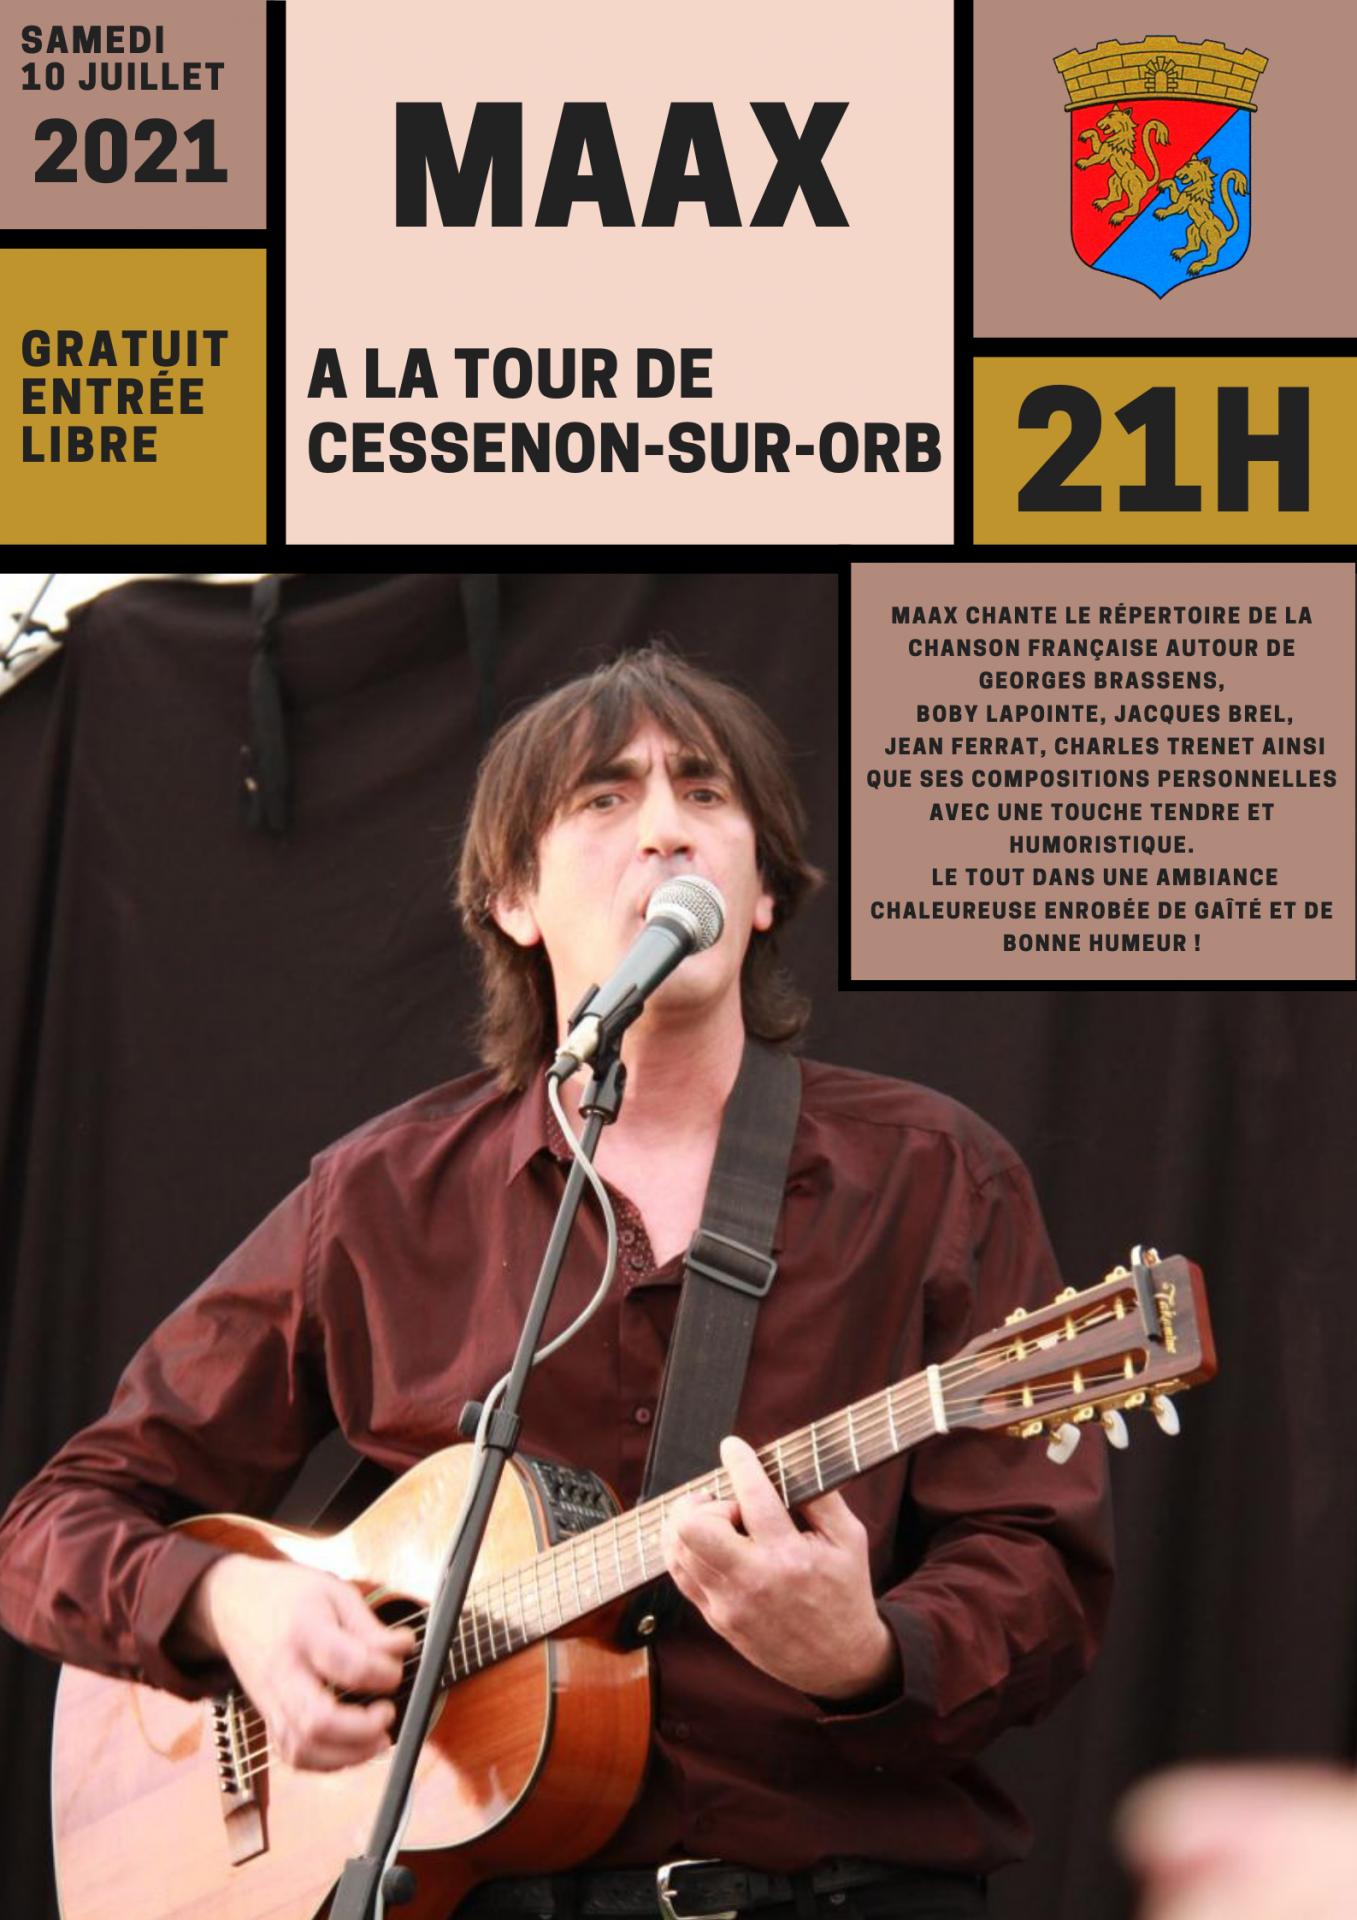 10 juillet 2021 concert a la tour de cessenon avec maax a 21h00